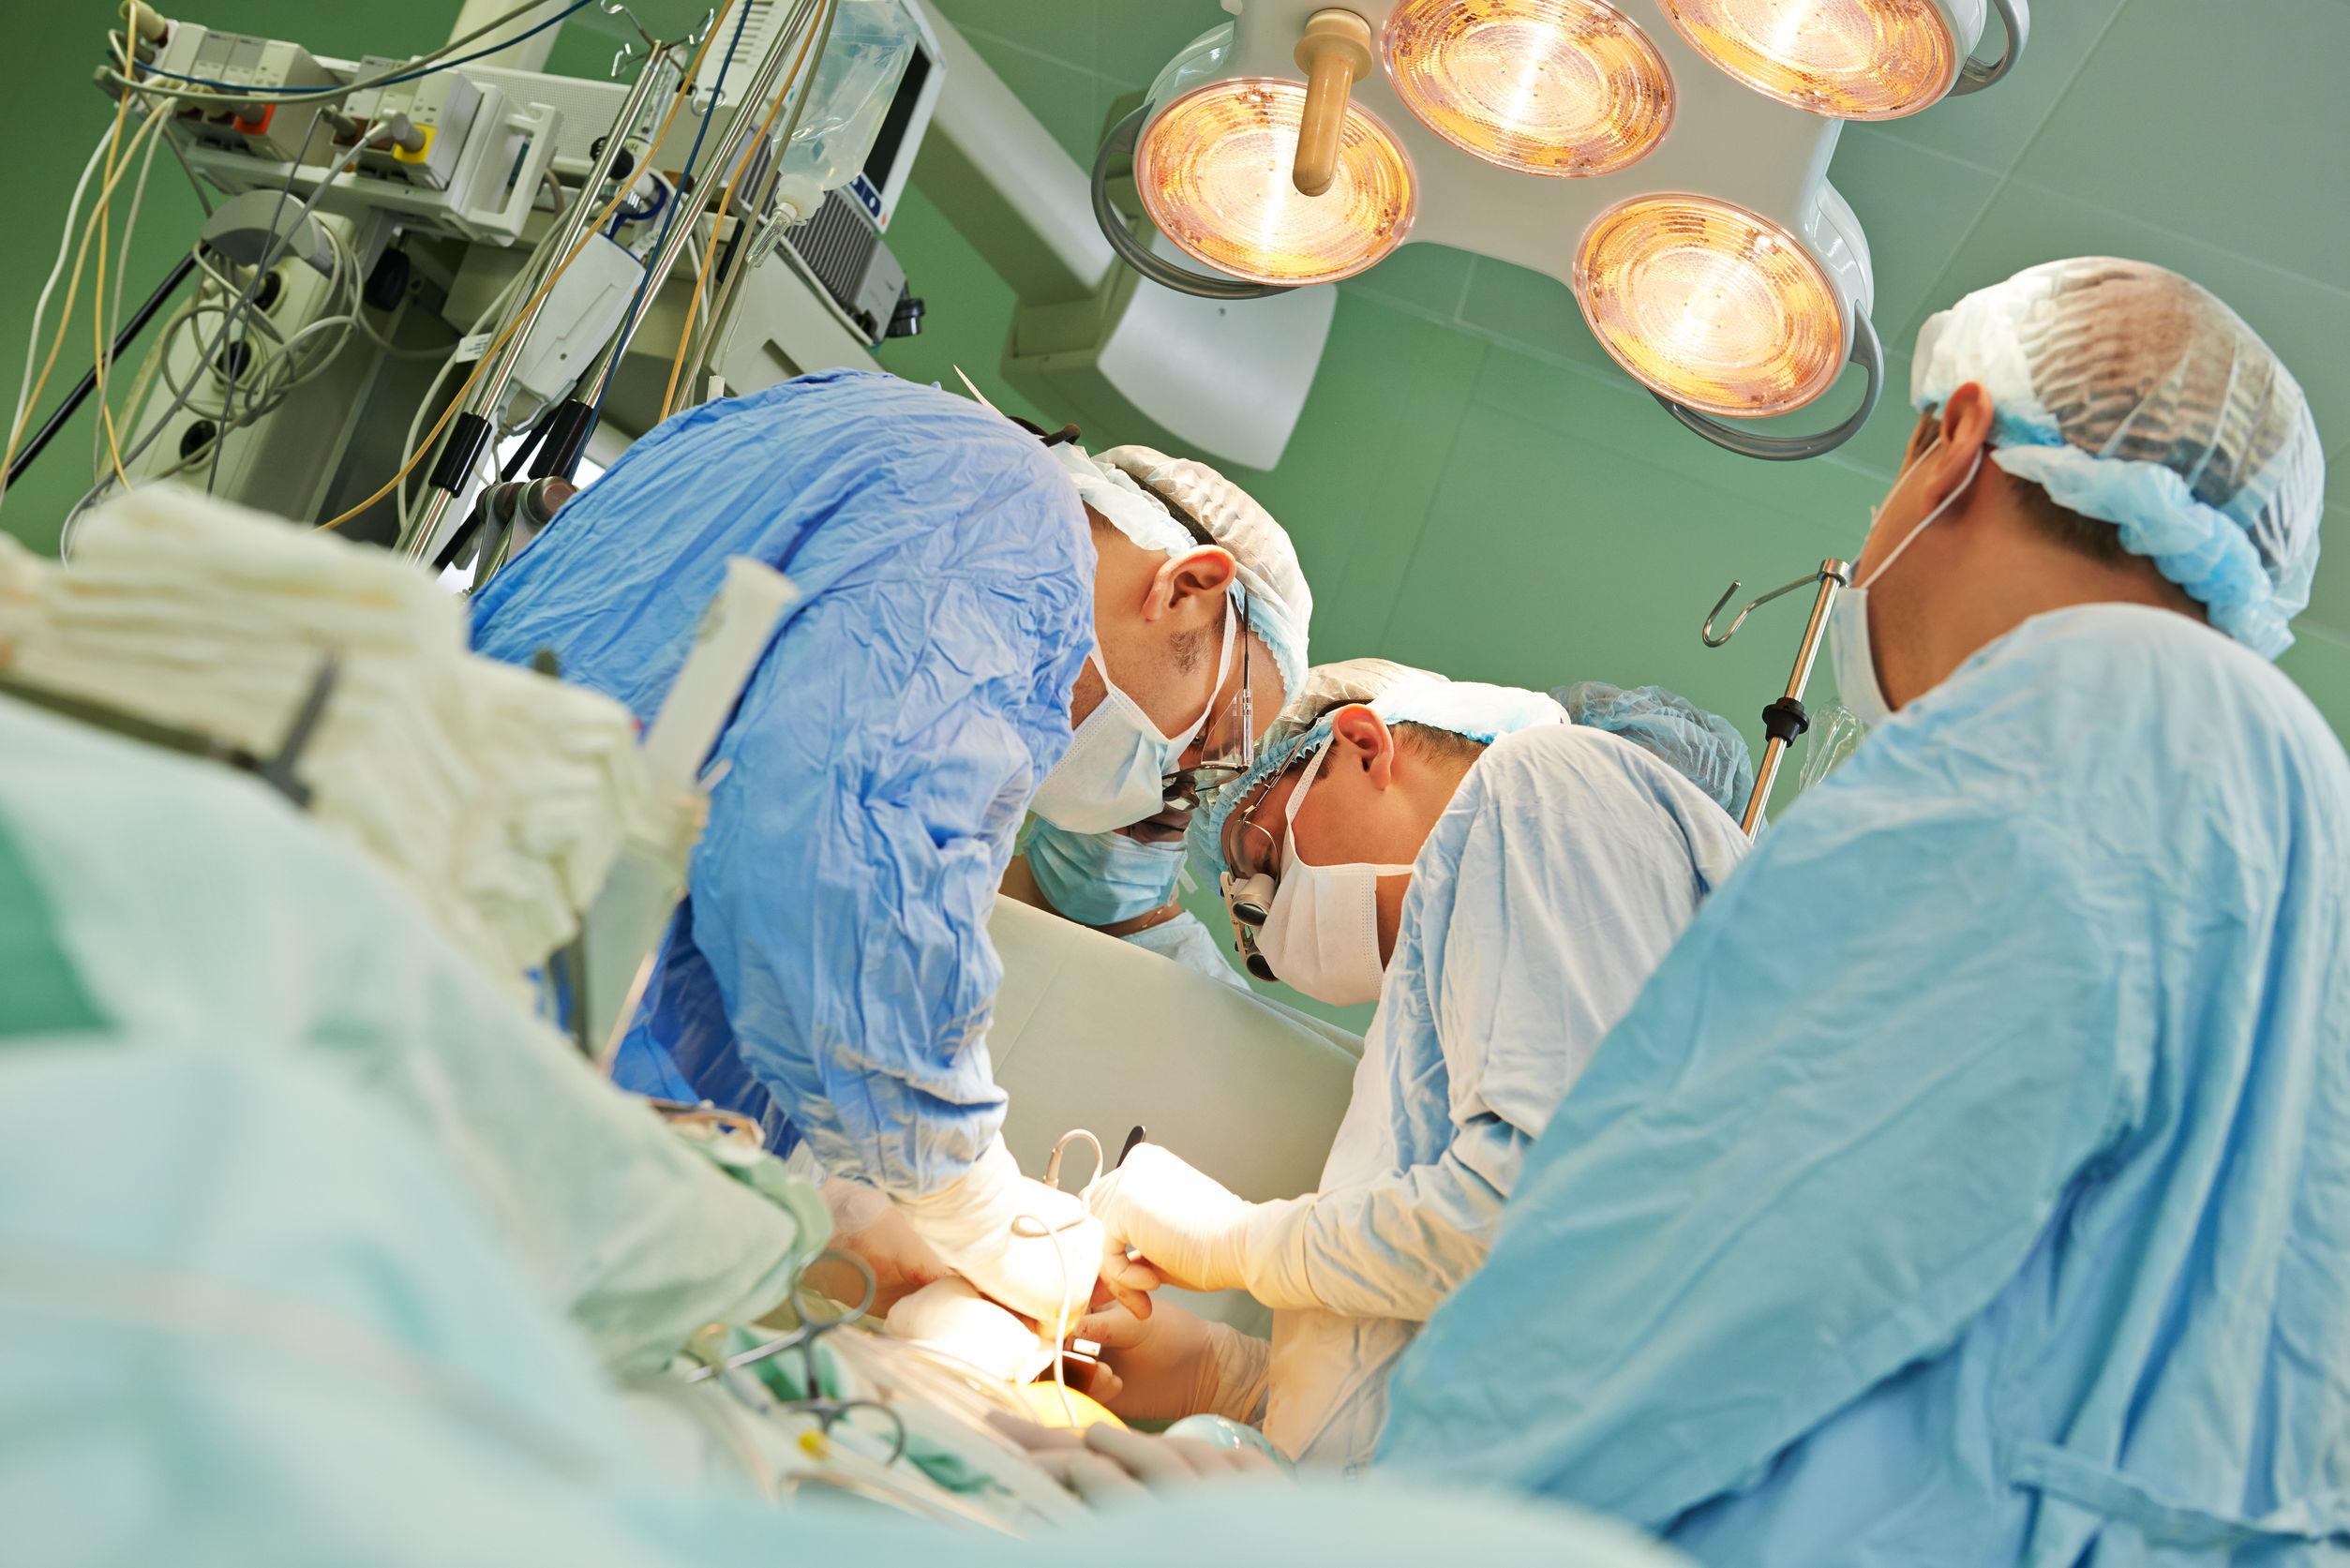 Sikeres pénisz-transzplantációt hajtottak végre Amerikában